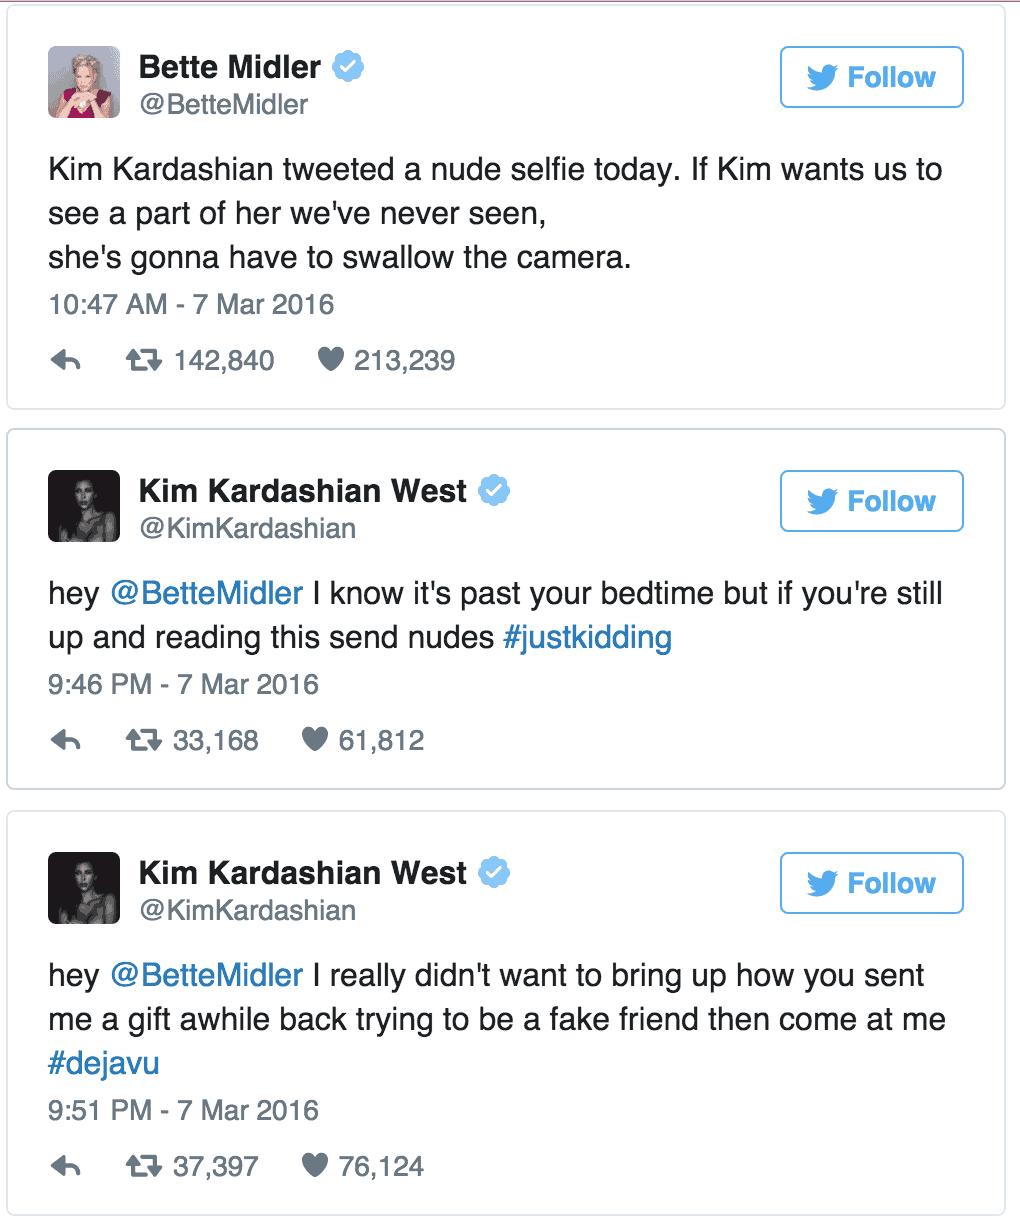 Bette Midler Kim Kardashian Twitter